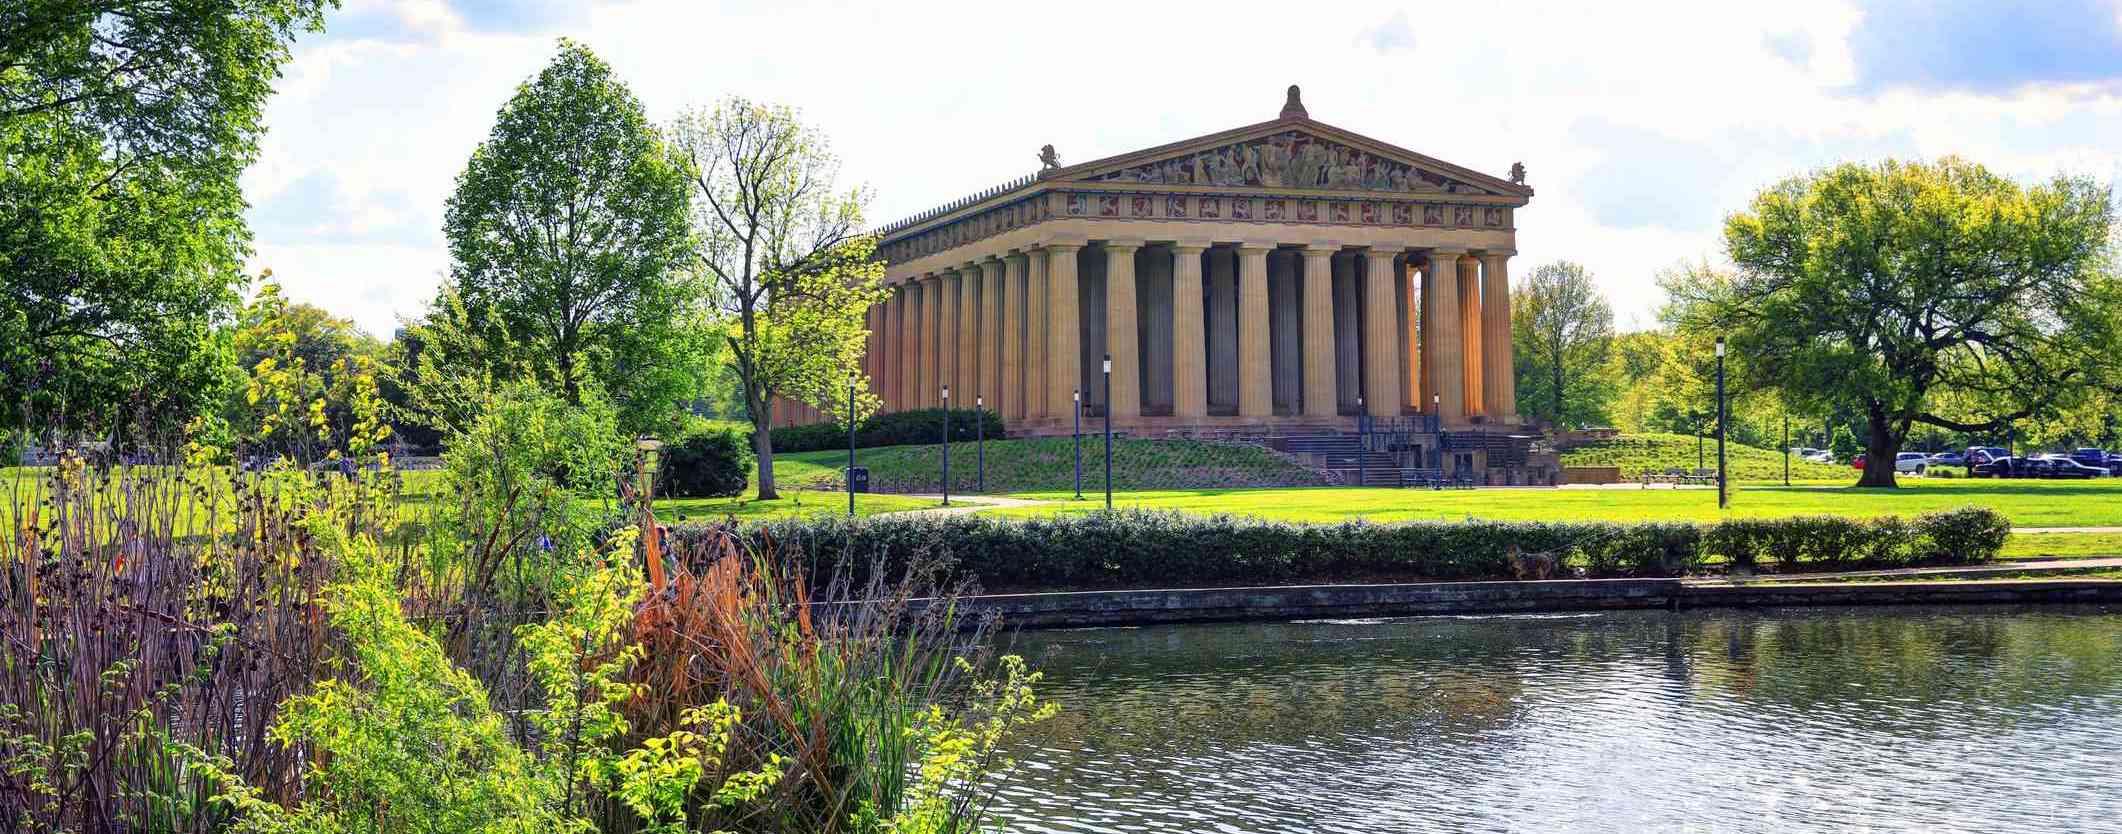 Centennial Park – Just Blocks From Our Luxury Nashville Regarding Centennial Park Nashville Events Calendar